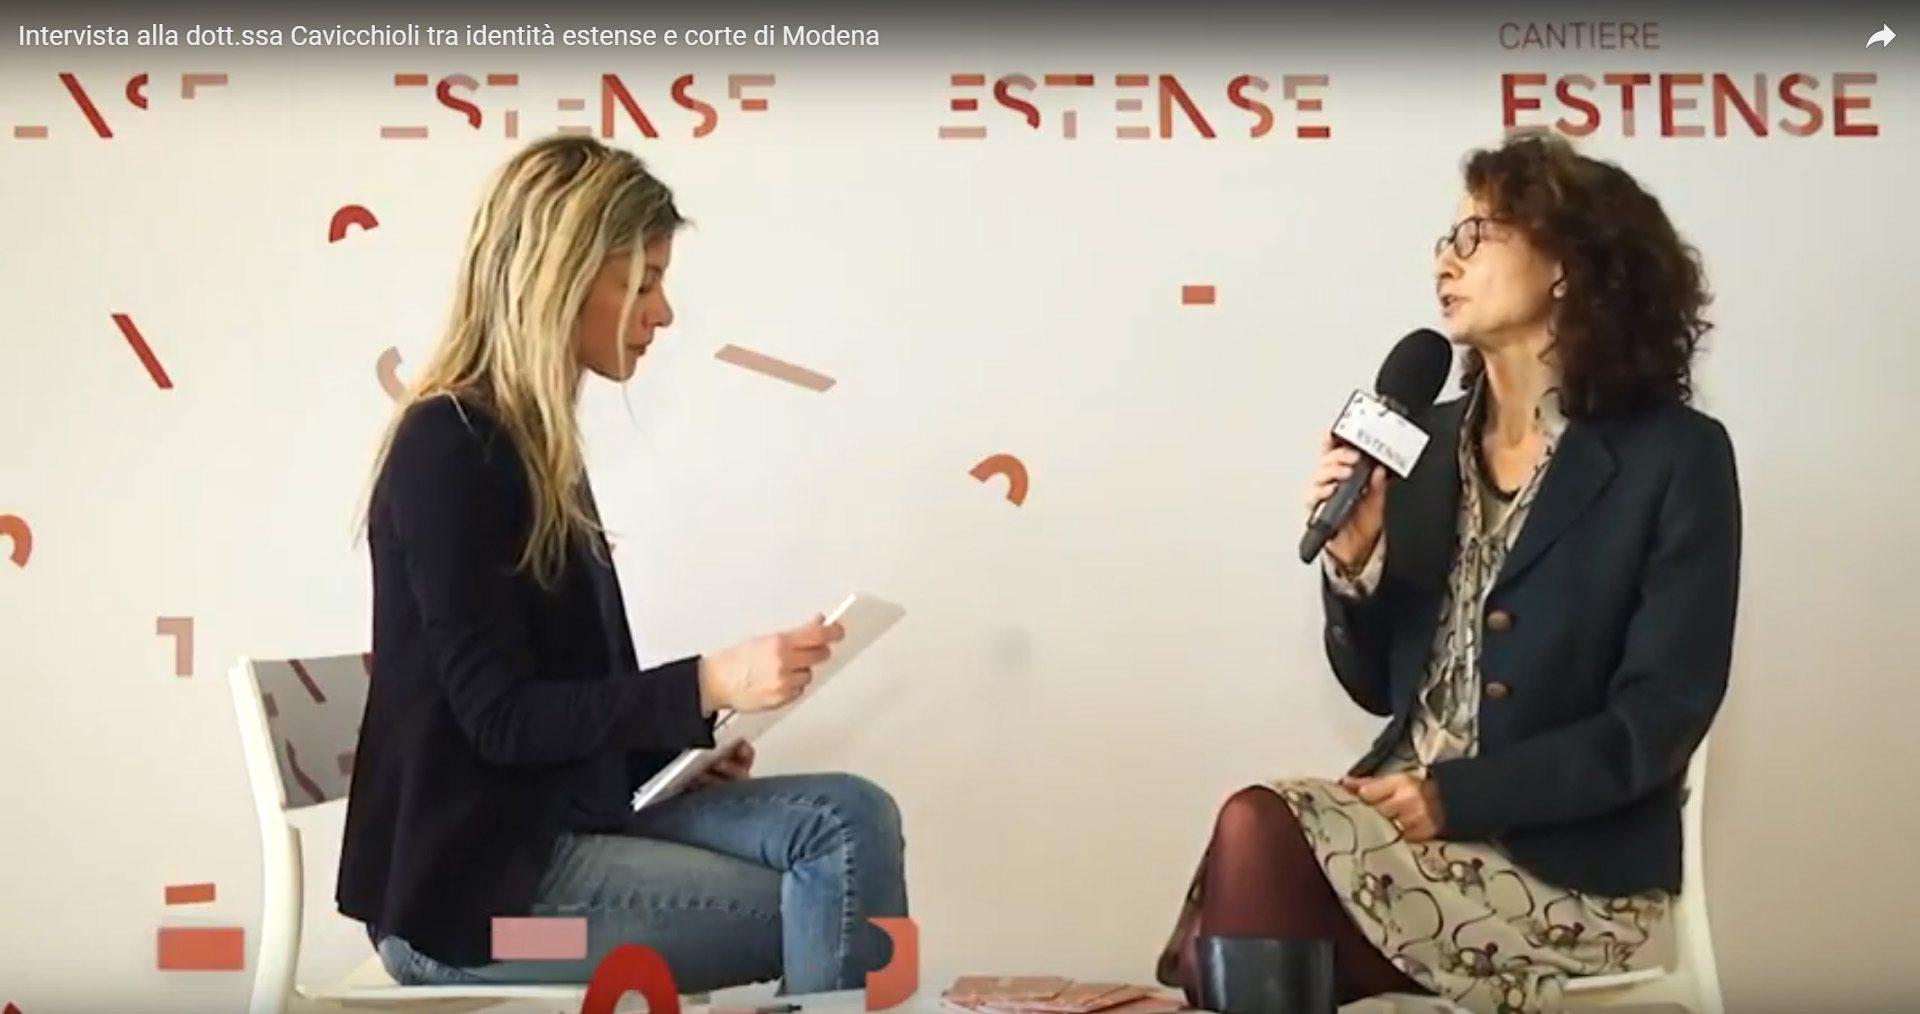 Esiste un'identità estense? <br>L'intervista a Sonia Cavicchioli, docente Unibo